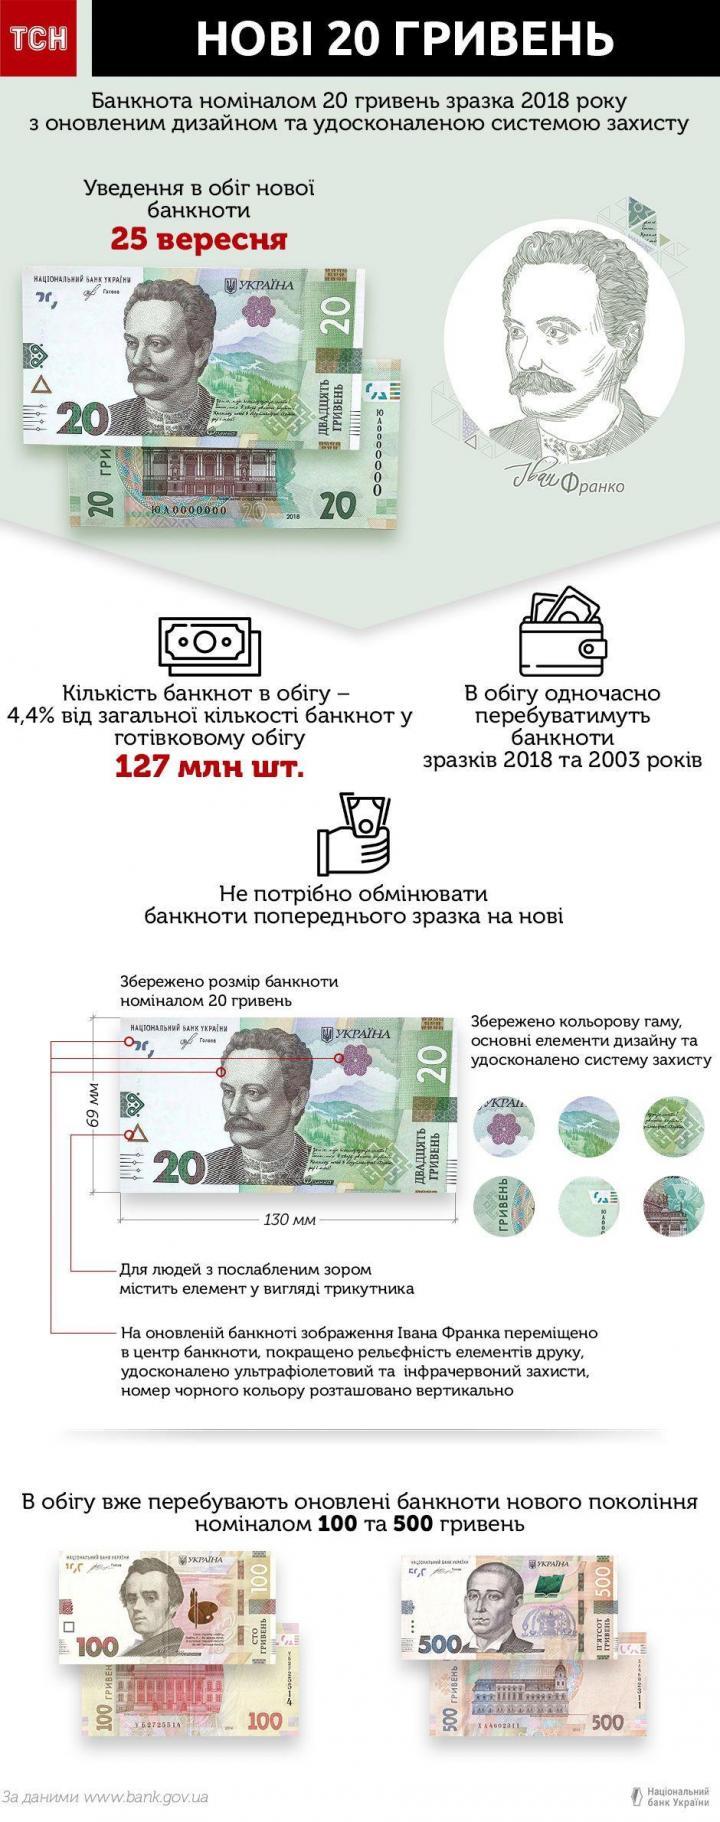 Сегодня НБУ ввел в обращение обновленную купюру в 20 гривен (инфографика)